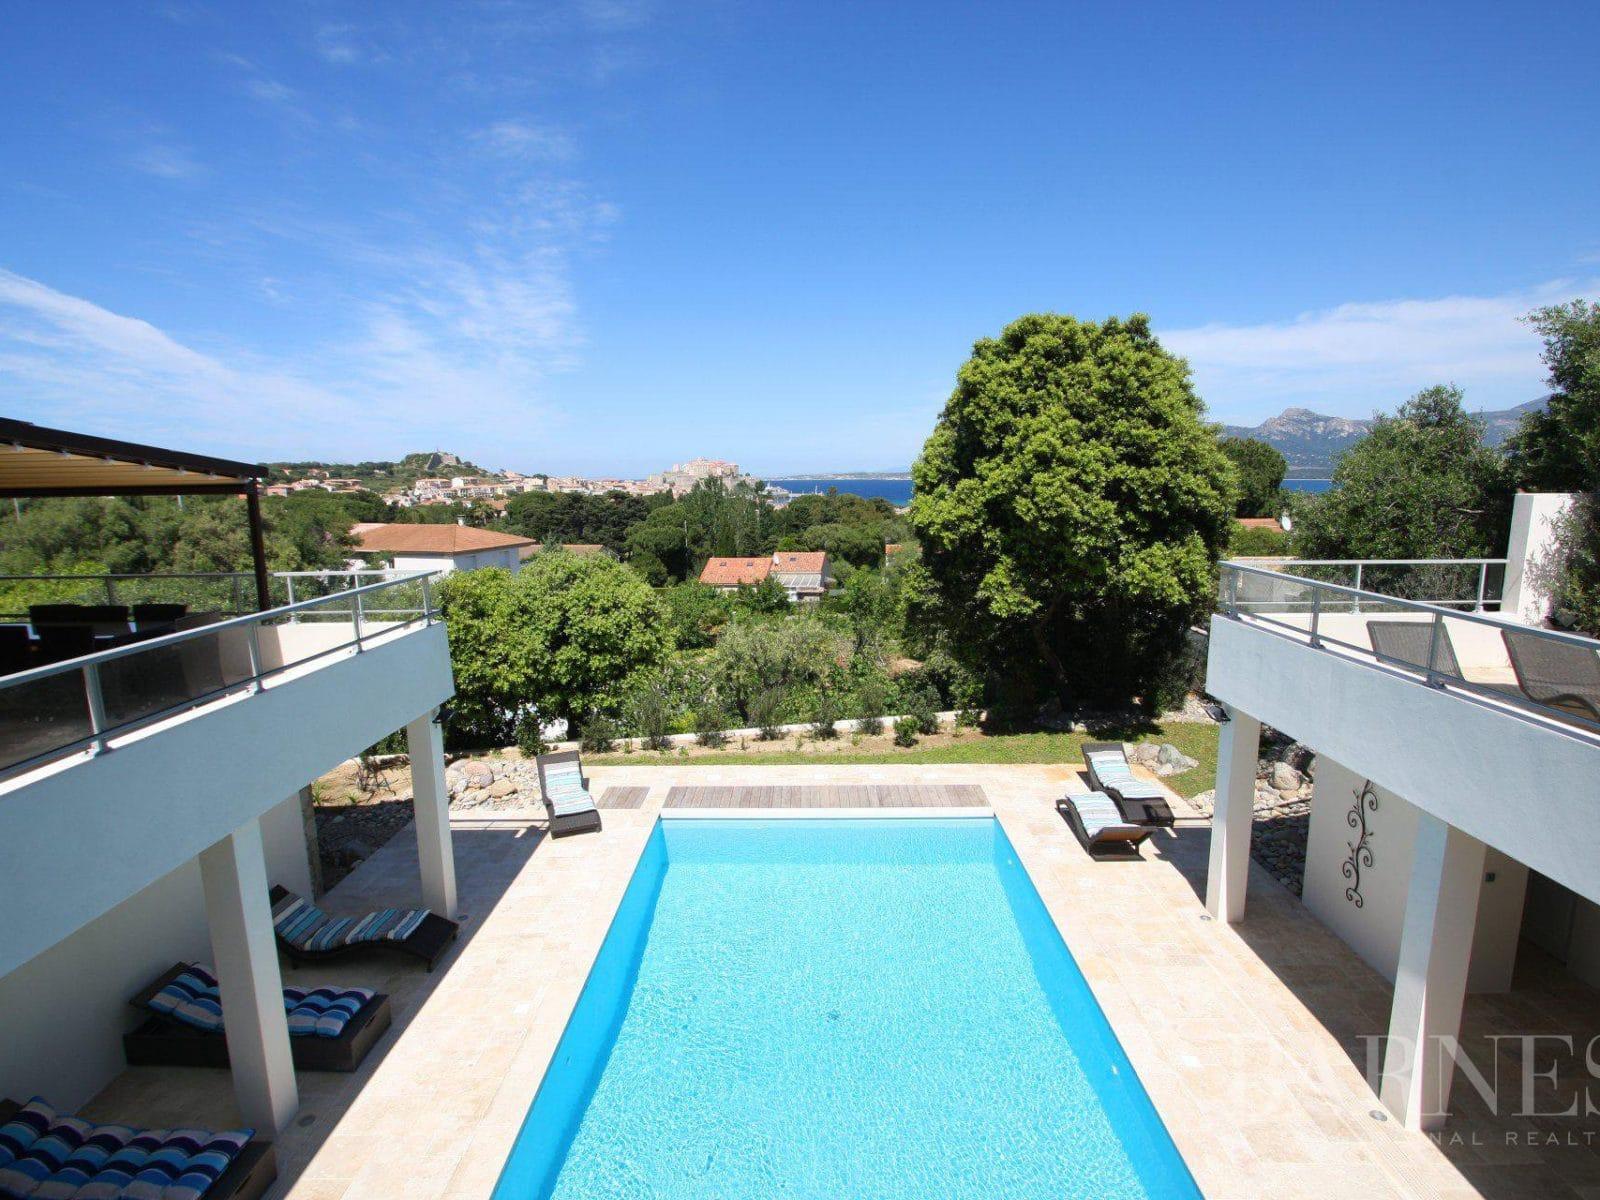 Notre sélection de villas de luxe en vente à Calvi